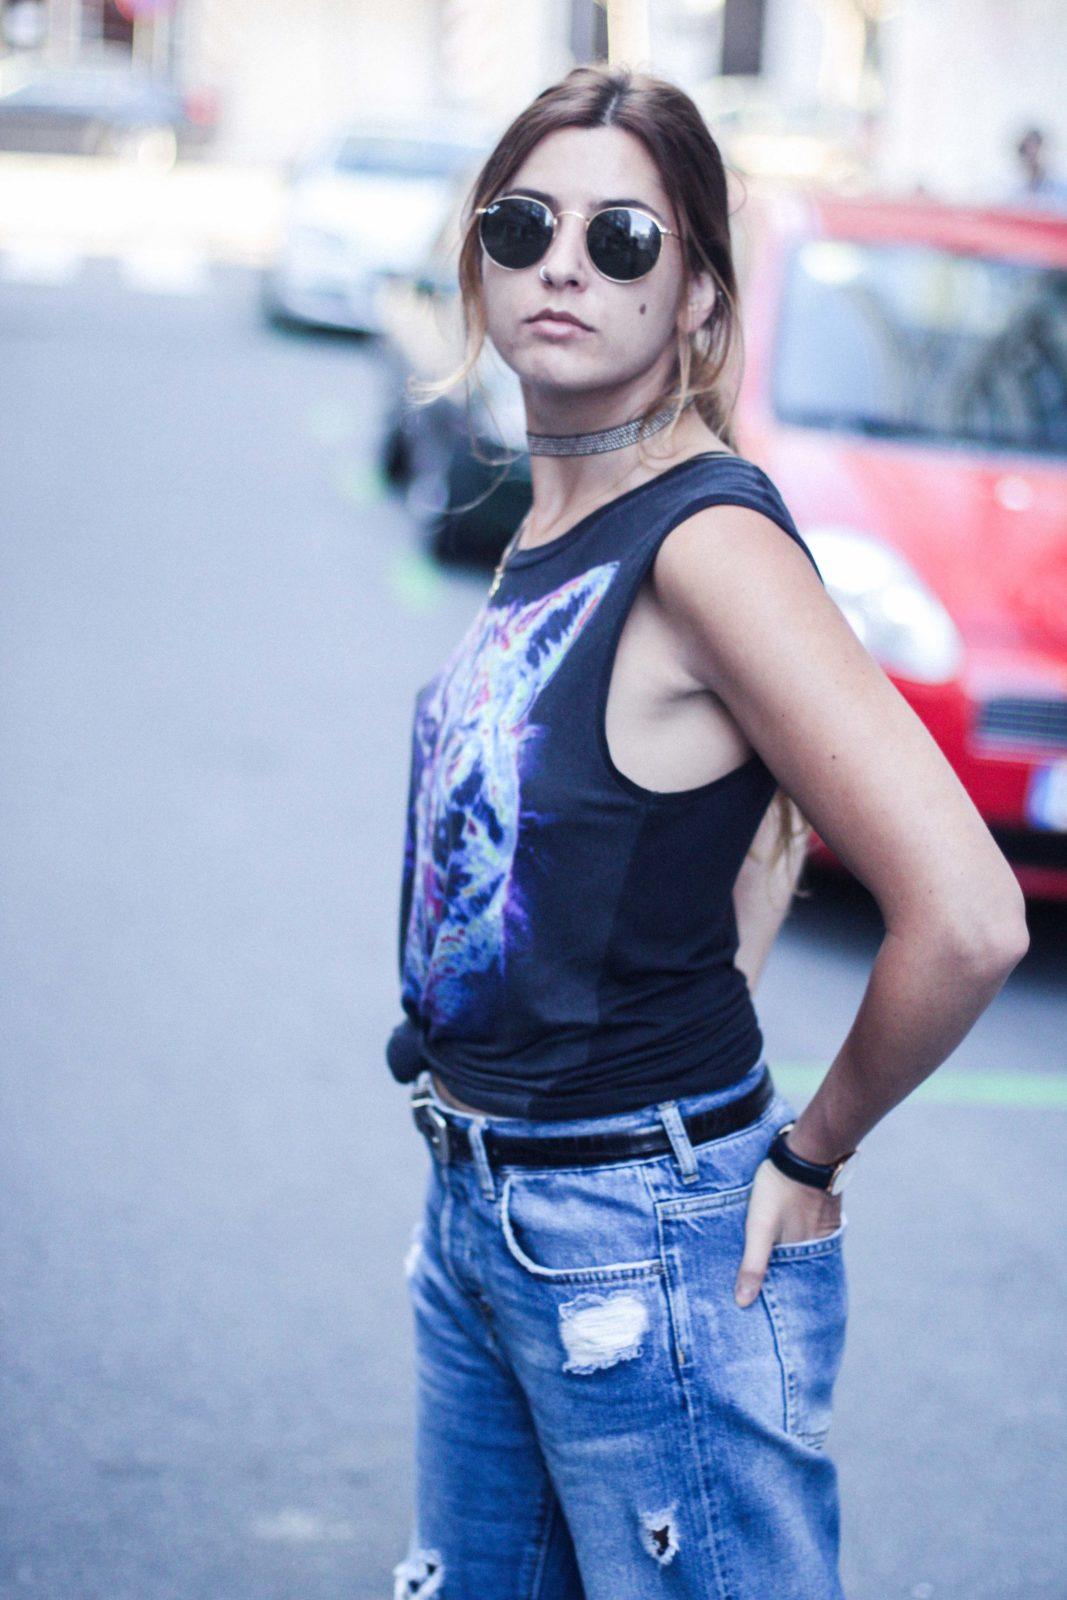 jeans_vaqueros_camiseta_estampada_sandalias_pelo-28